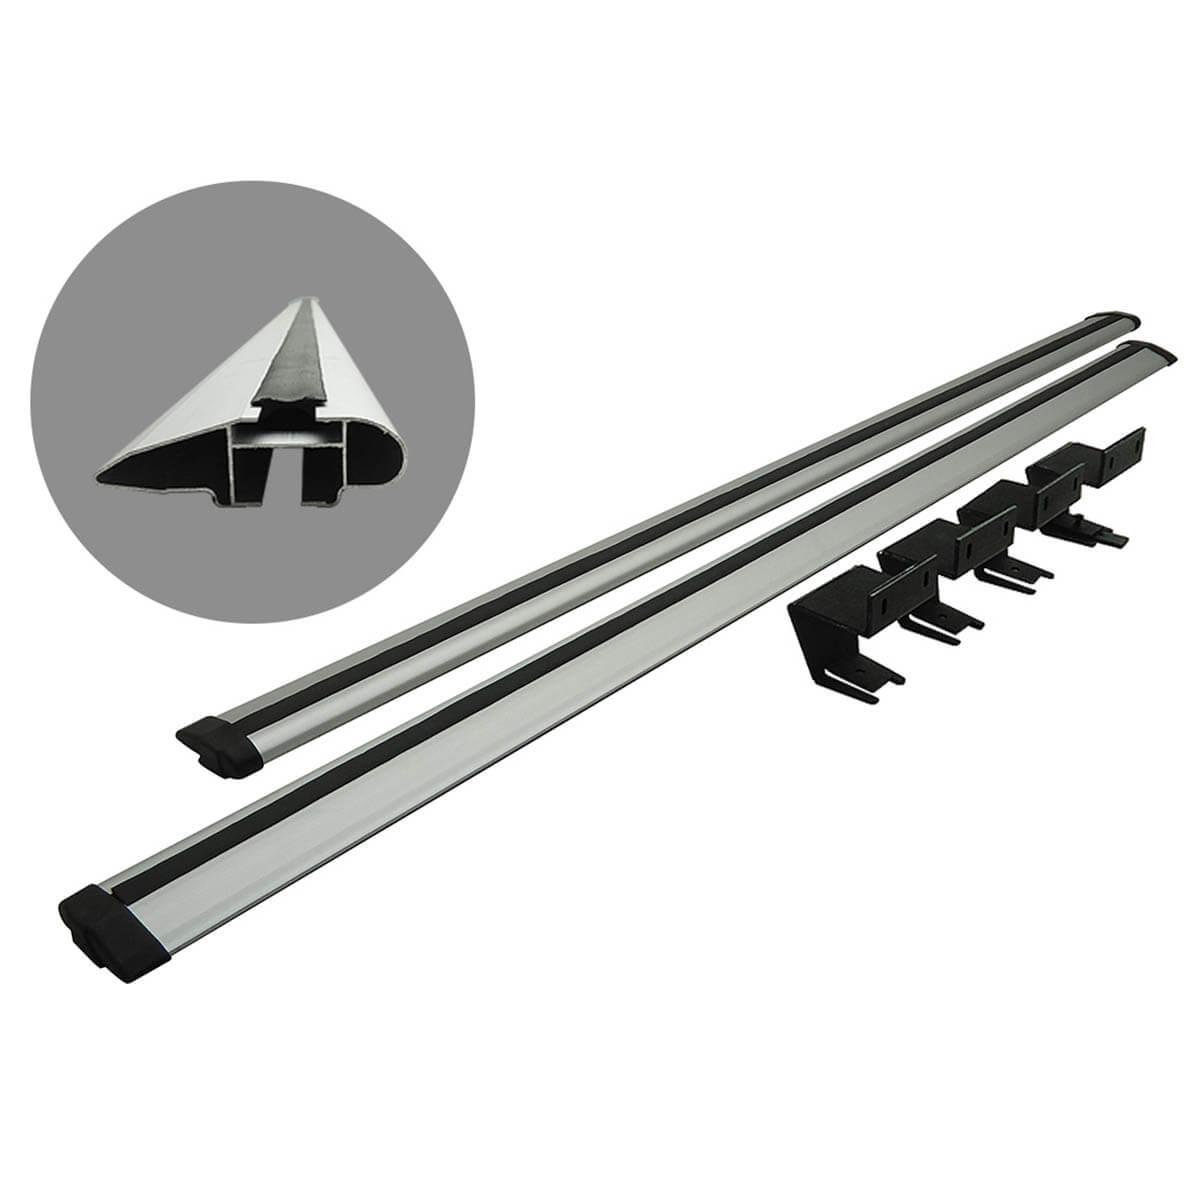 Rack de caçamba em alumínio Nova Ranger 2013 a 2021